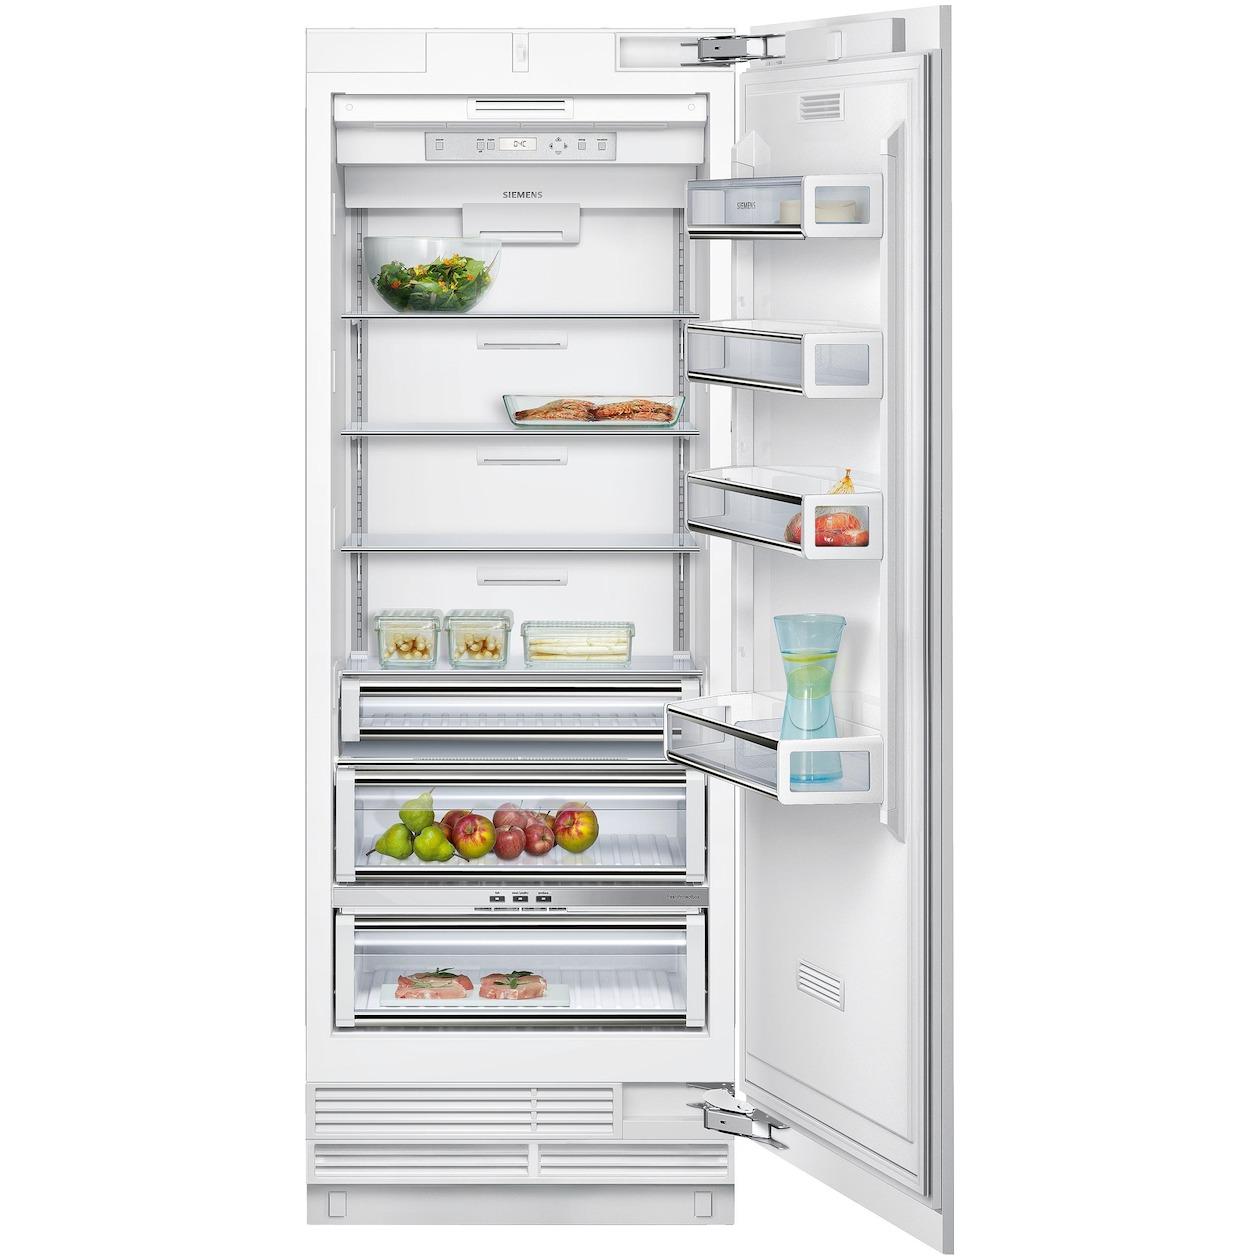 Siemens inbouw koelkast CI30RP01 - Prijsvergelijk